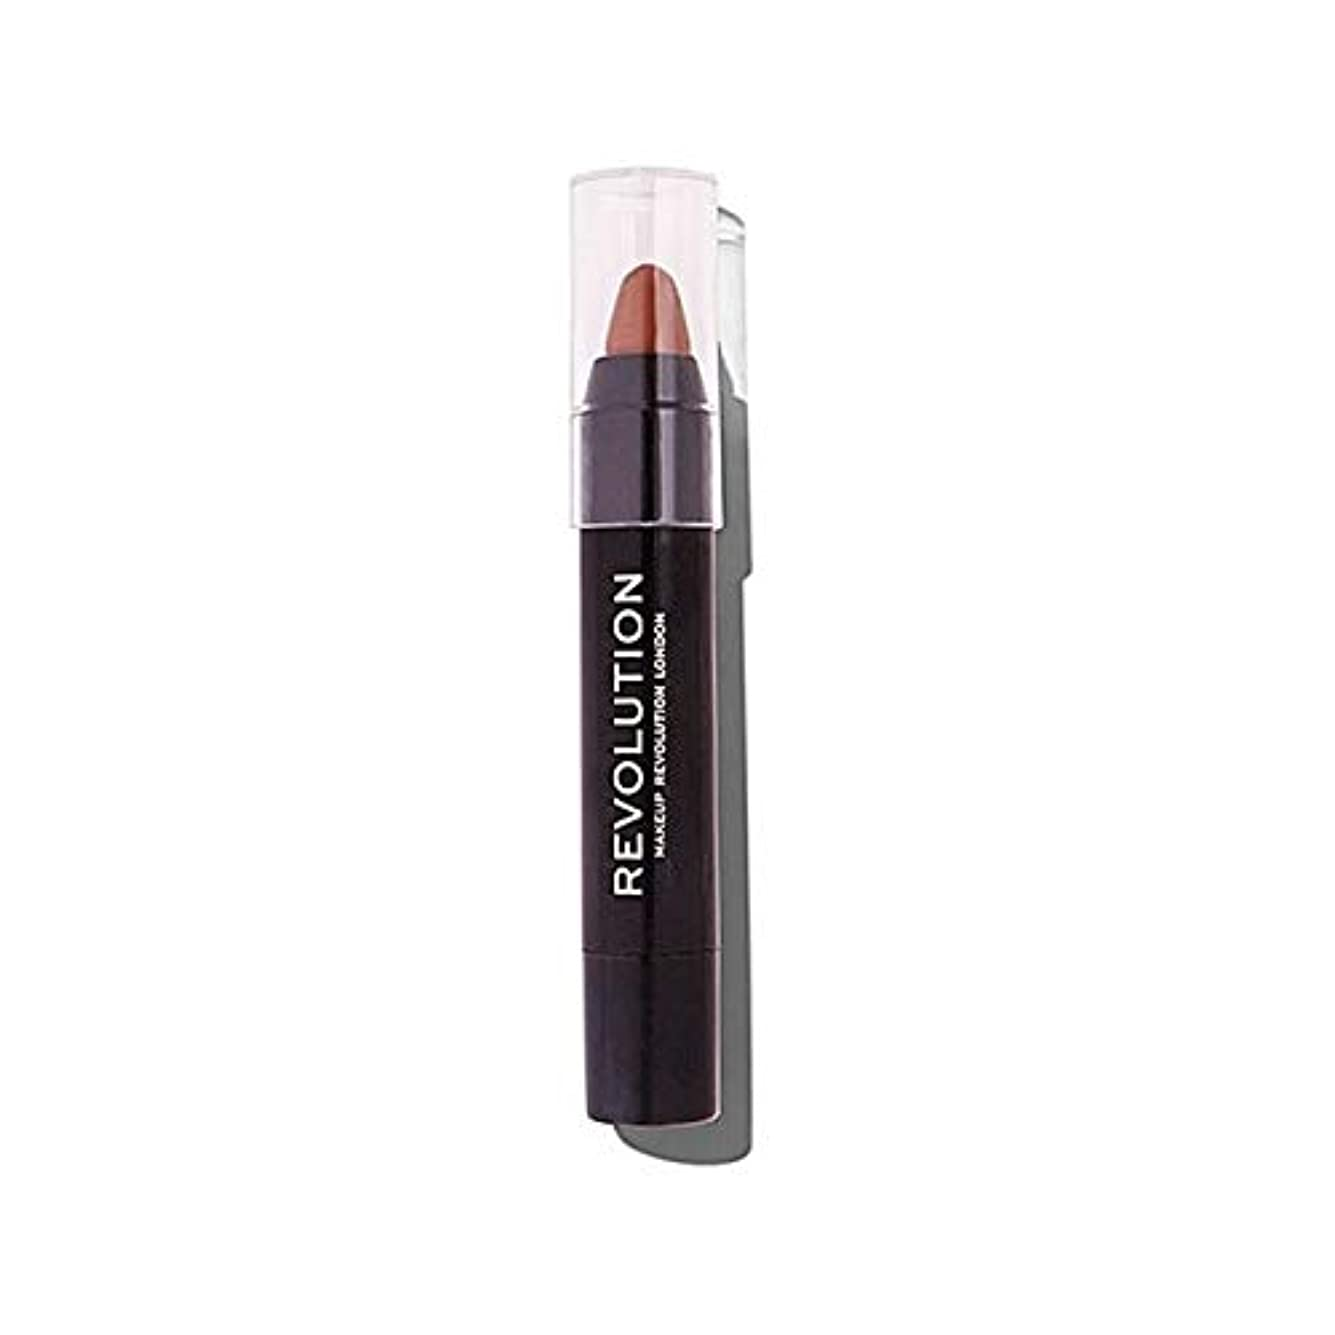 コンセンサス行くサイレン[Hair Revolution ] 化粧革命のルートスティックライトブラウンをカバー - Makeup Revolution Root Cover Up Stick Light Brown [並行輸入品]